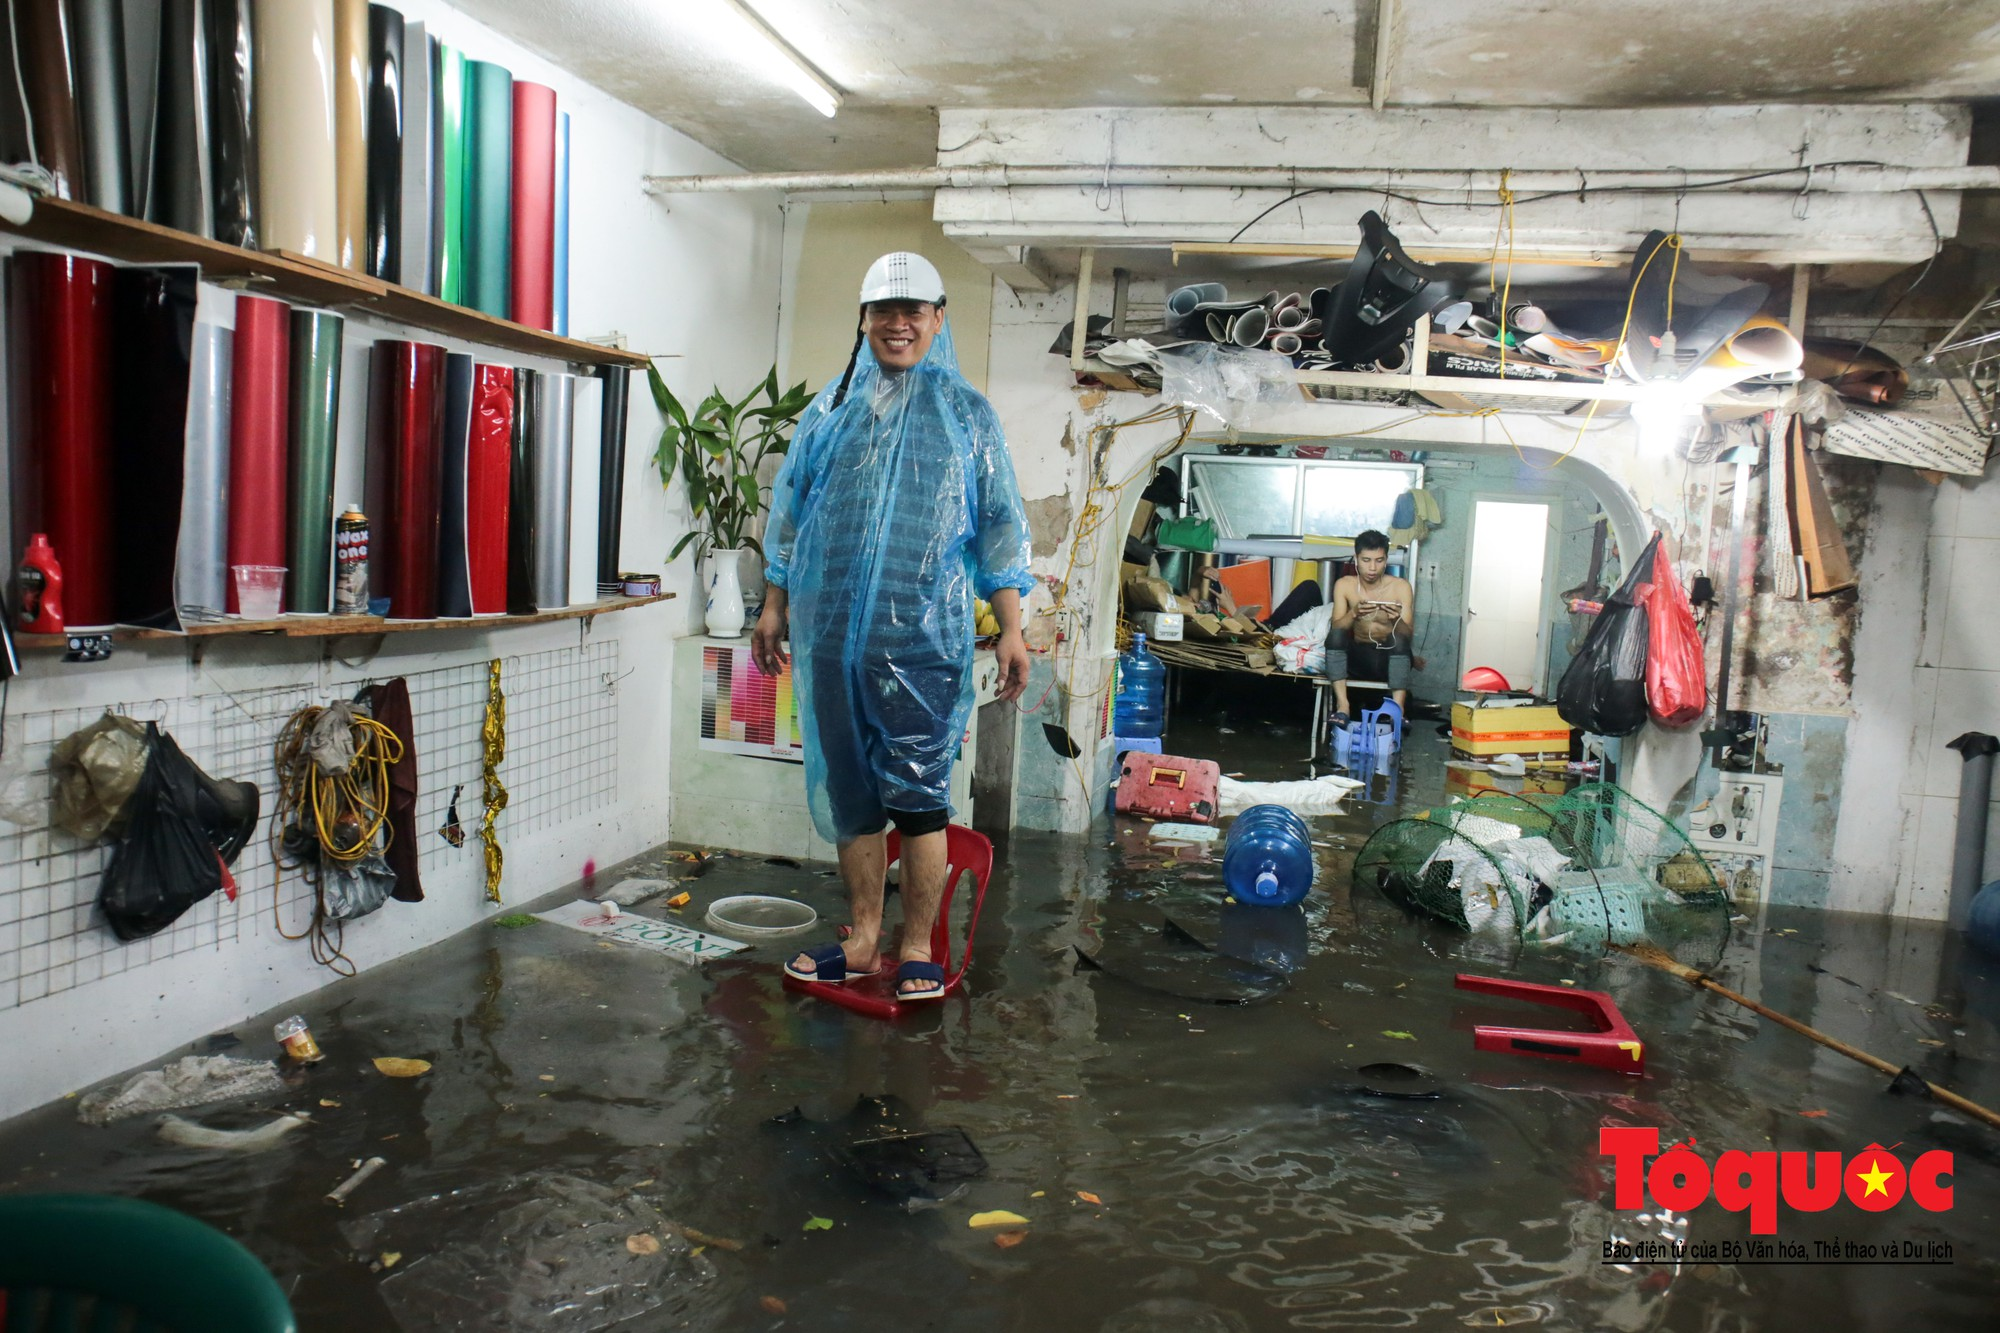 Hà Nội mưa lớn bất ngờ, nhiều tuyến đường lại ngập trong sâu biển nước26